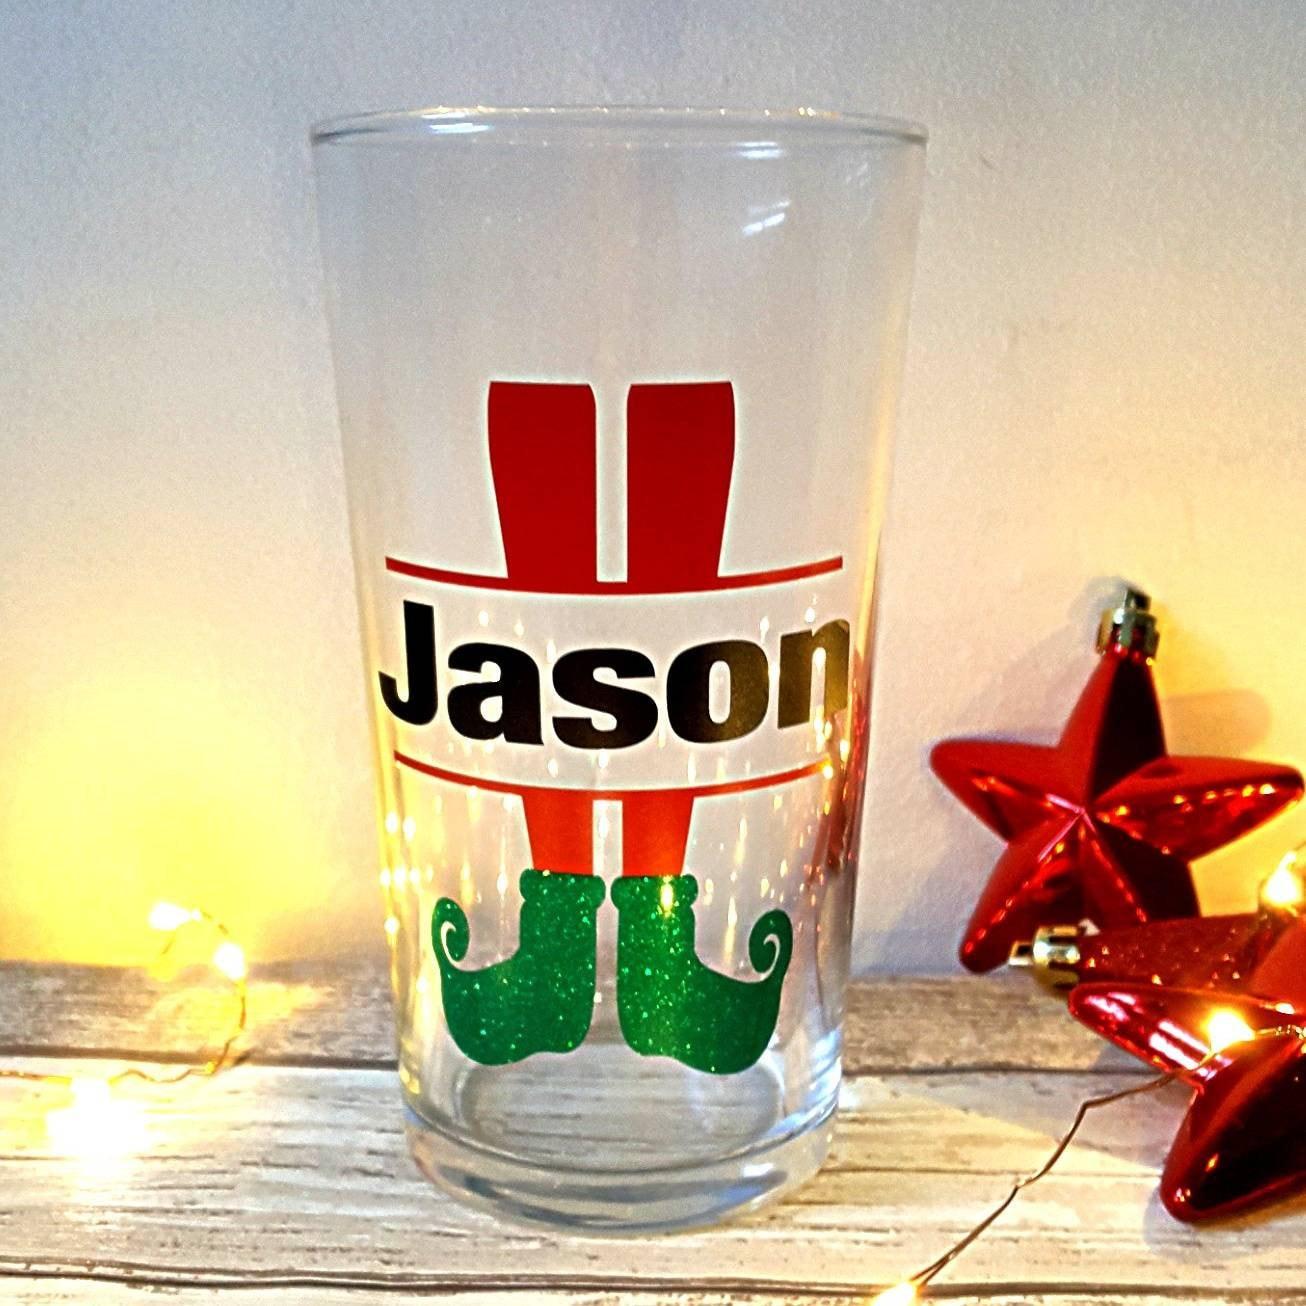 Beer glass pint glass Christmas glass gift for men beer | Etsy